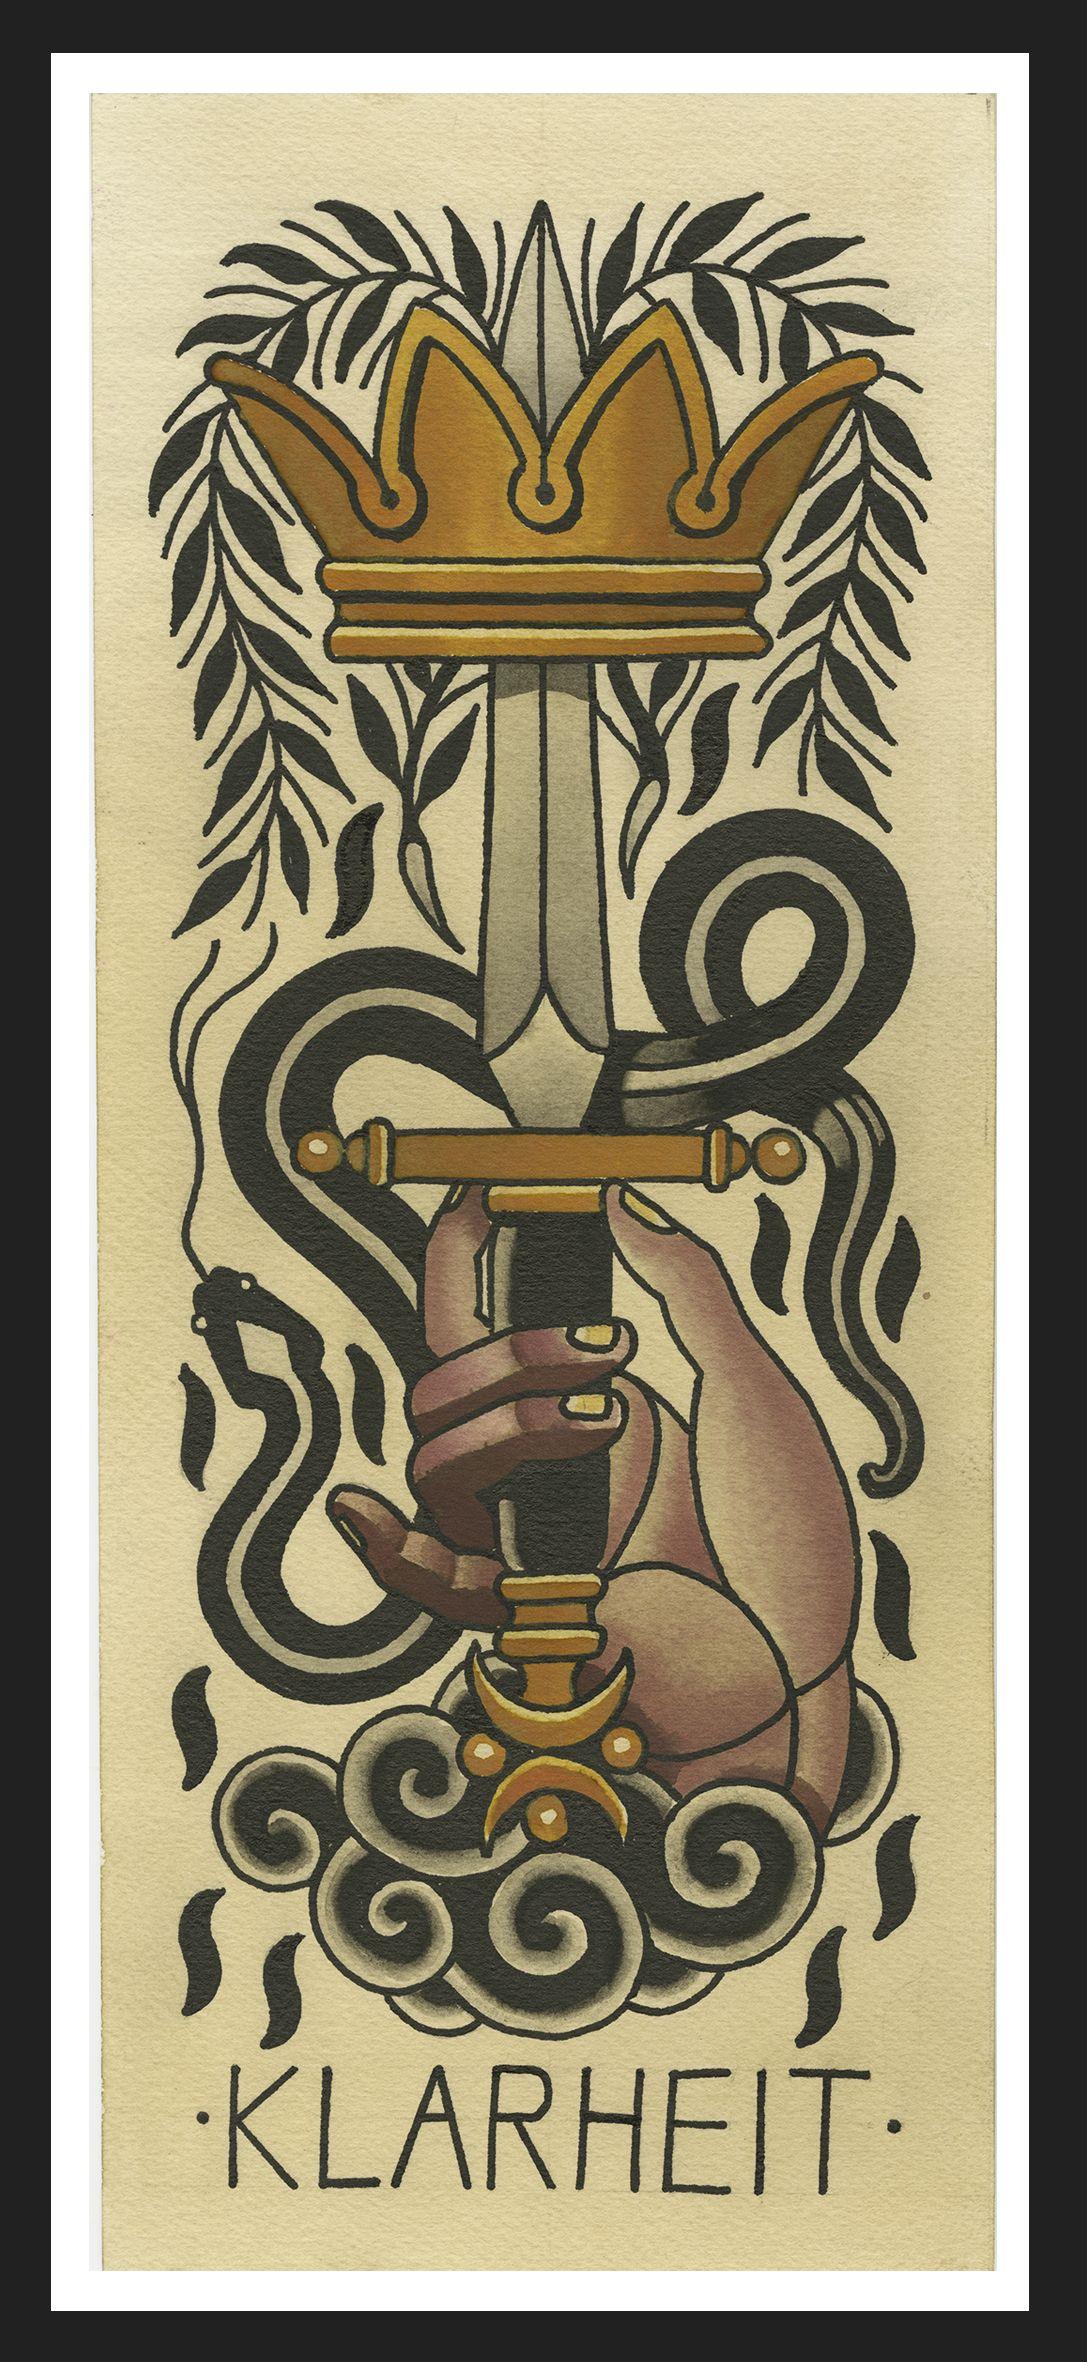 Ace Of Swords The Tarot Flash Set Sebastian Domaschke High Quality Tattoo Art Print Ace Of Swords Swords Tarot Tarot Major Arcana